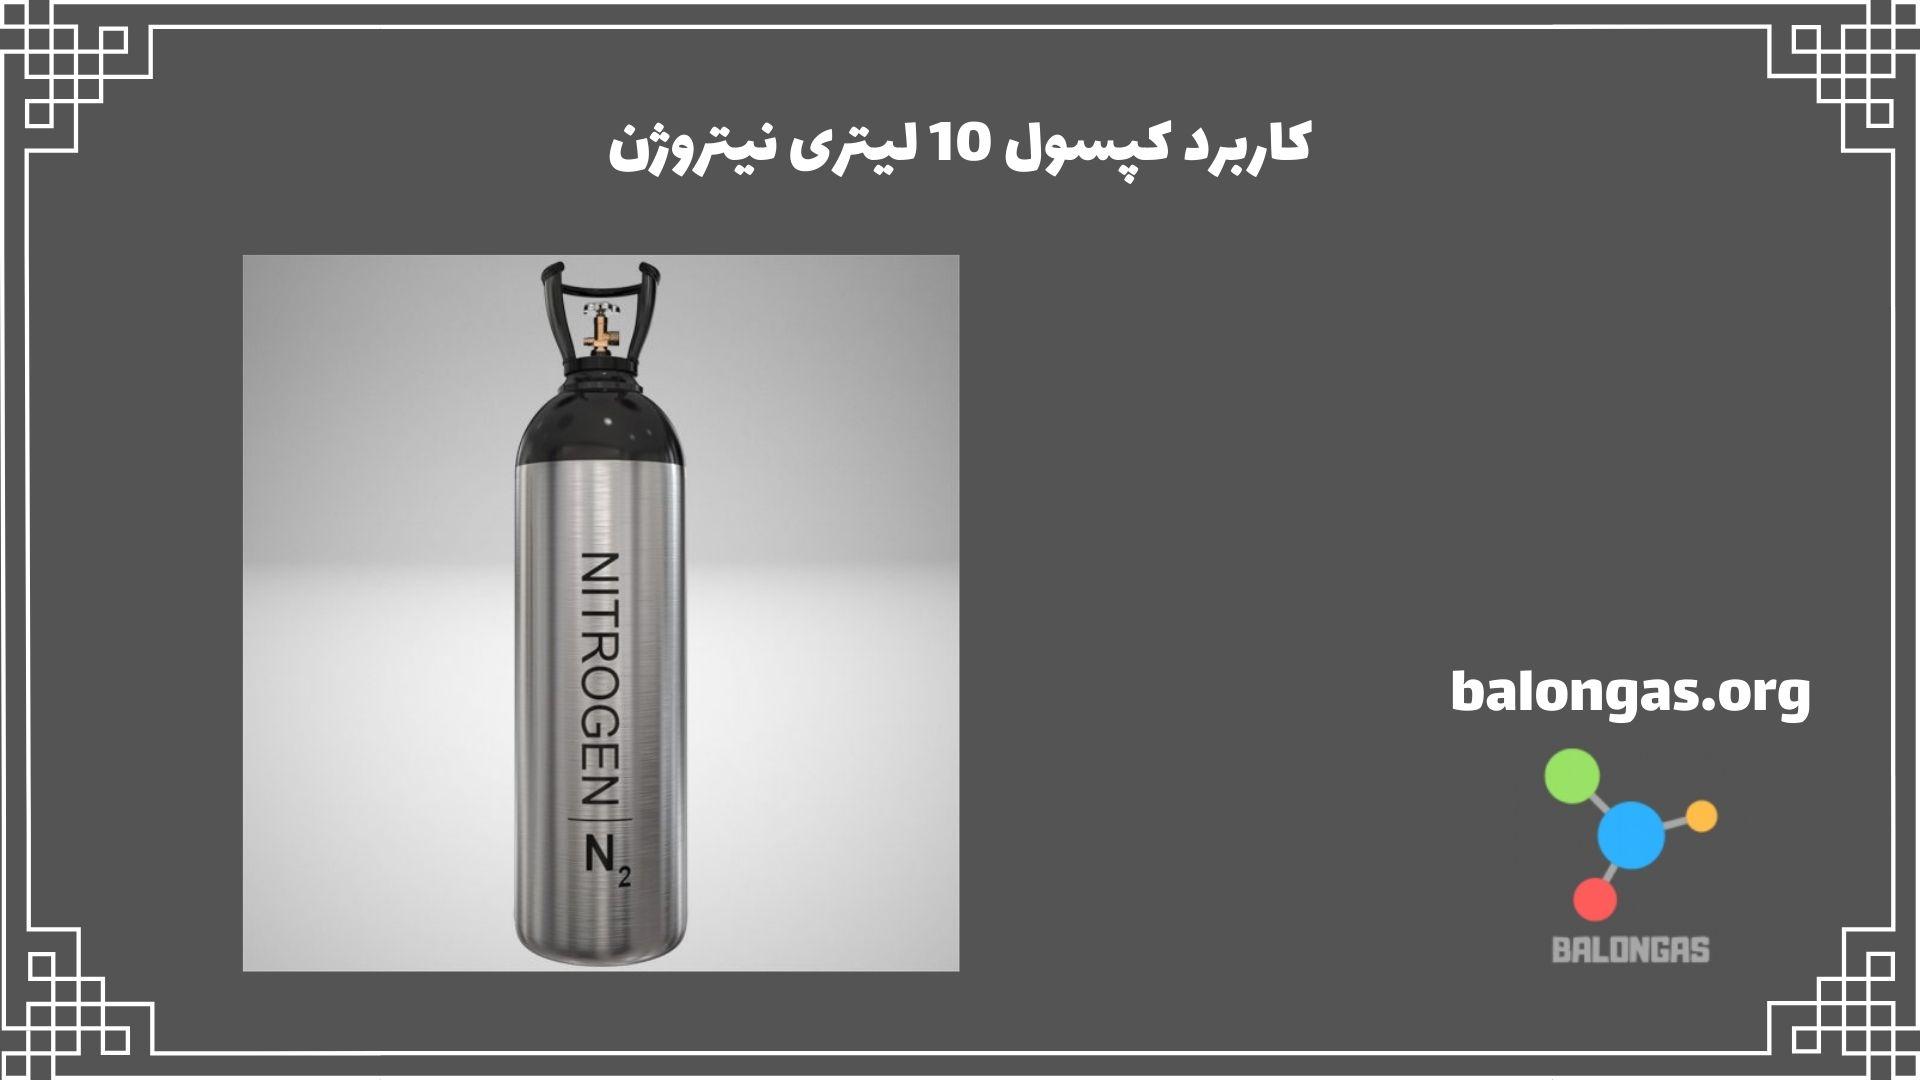 کاربرد کپسول 10 لیتری نیتروژن